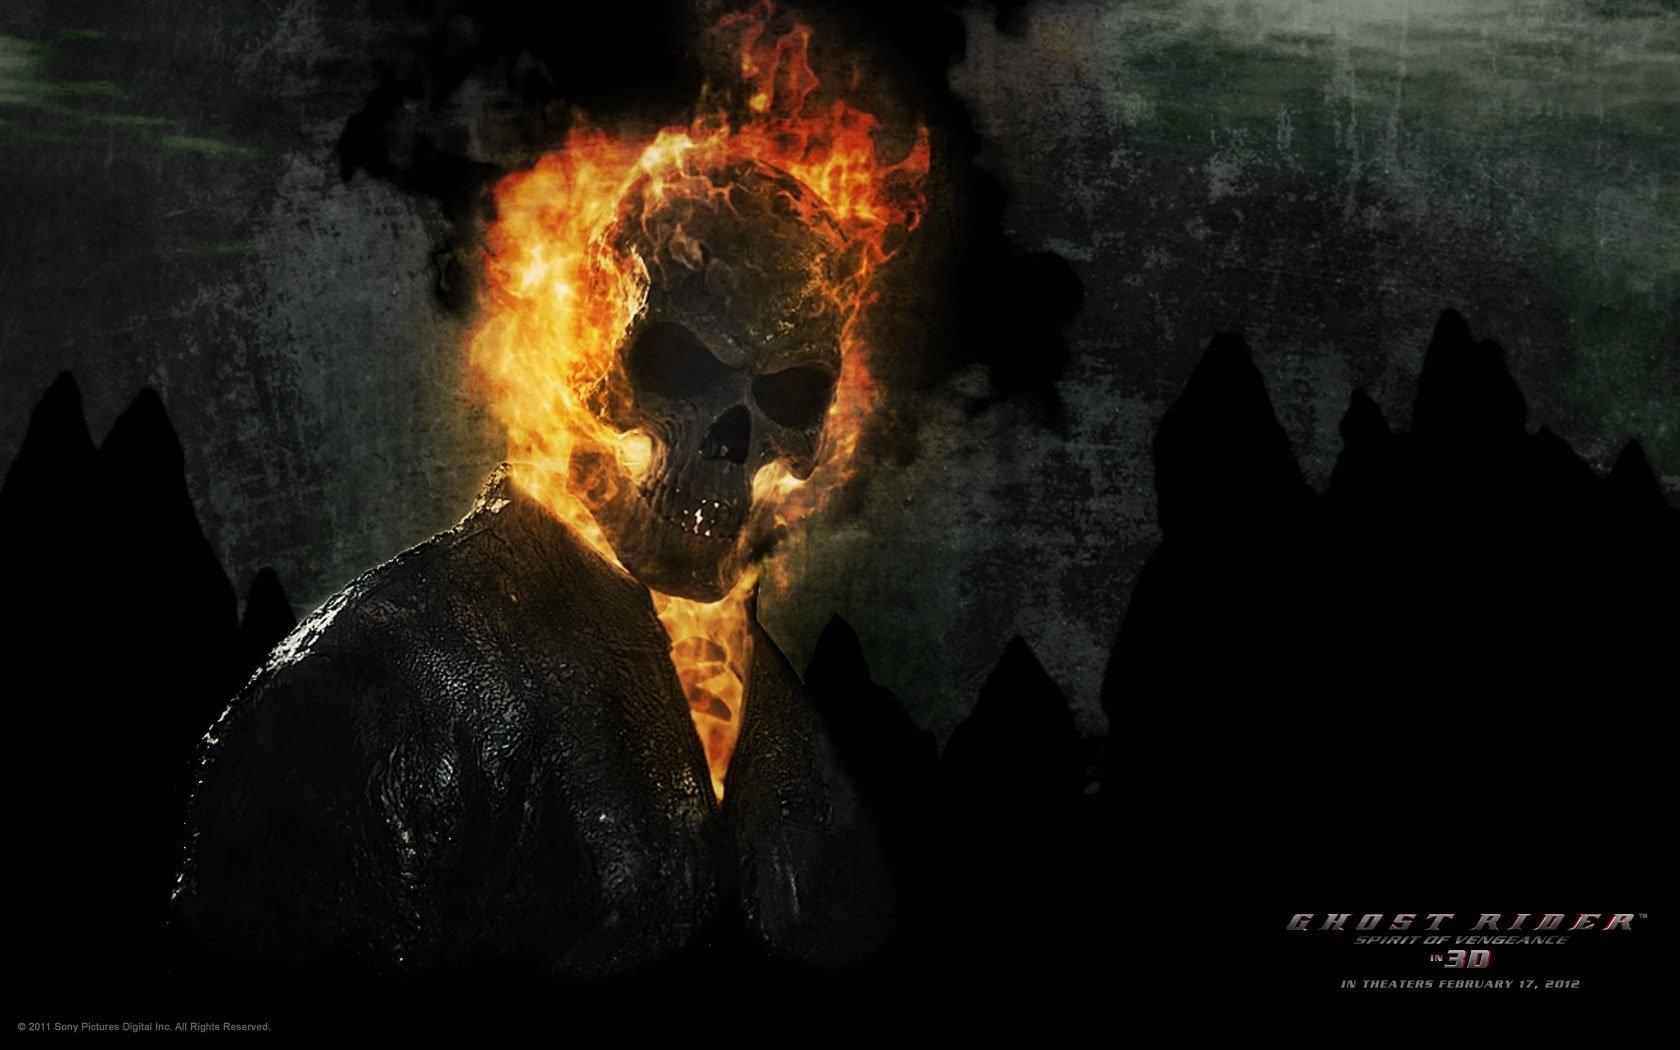 10 Best Ghost Rider Spirit Of Vengeance Wallpaper 3D FULL HD 1920x1080 For PC